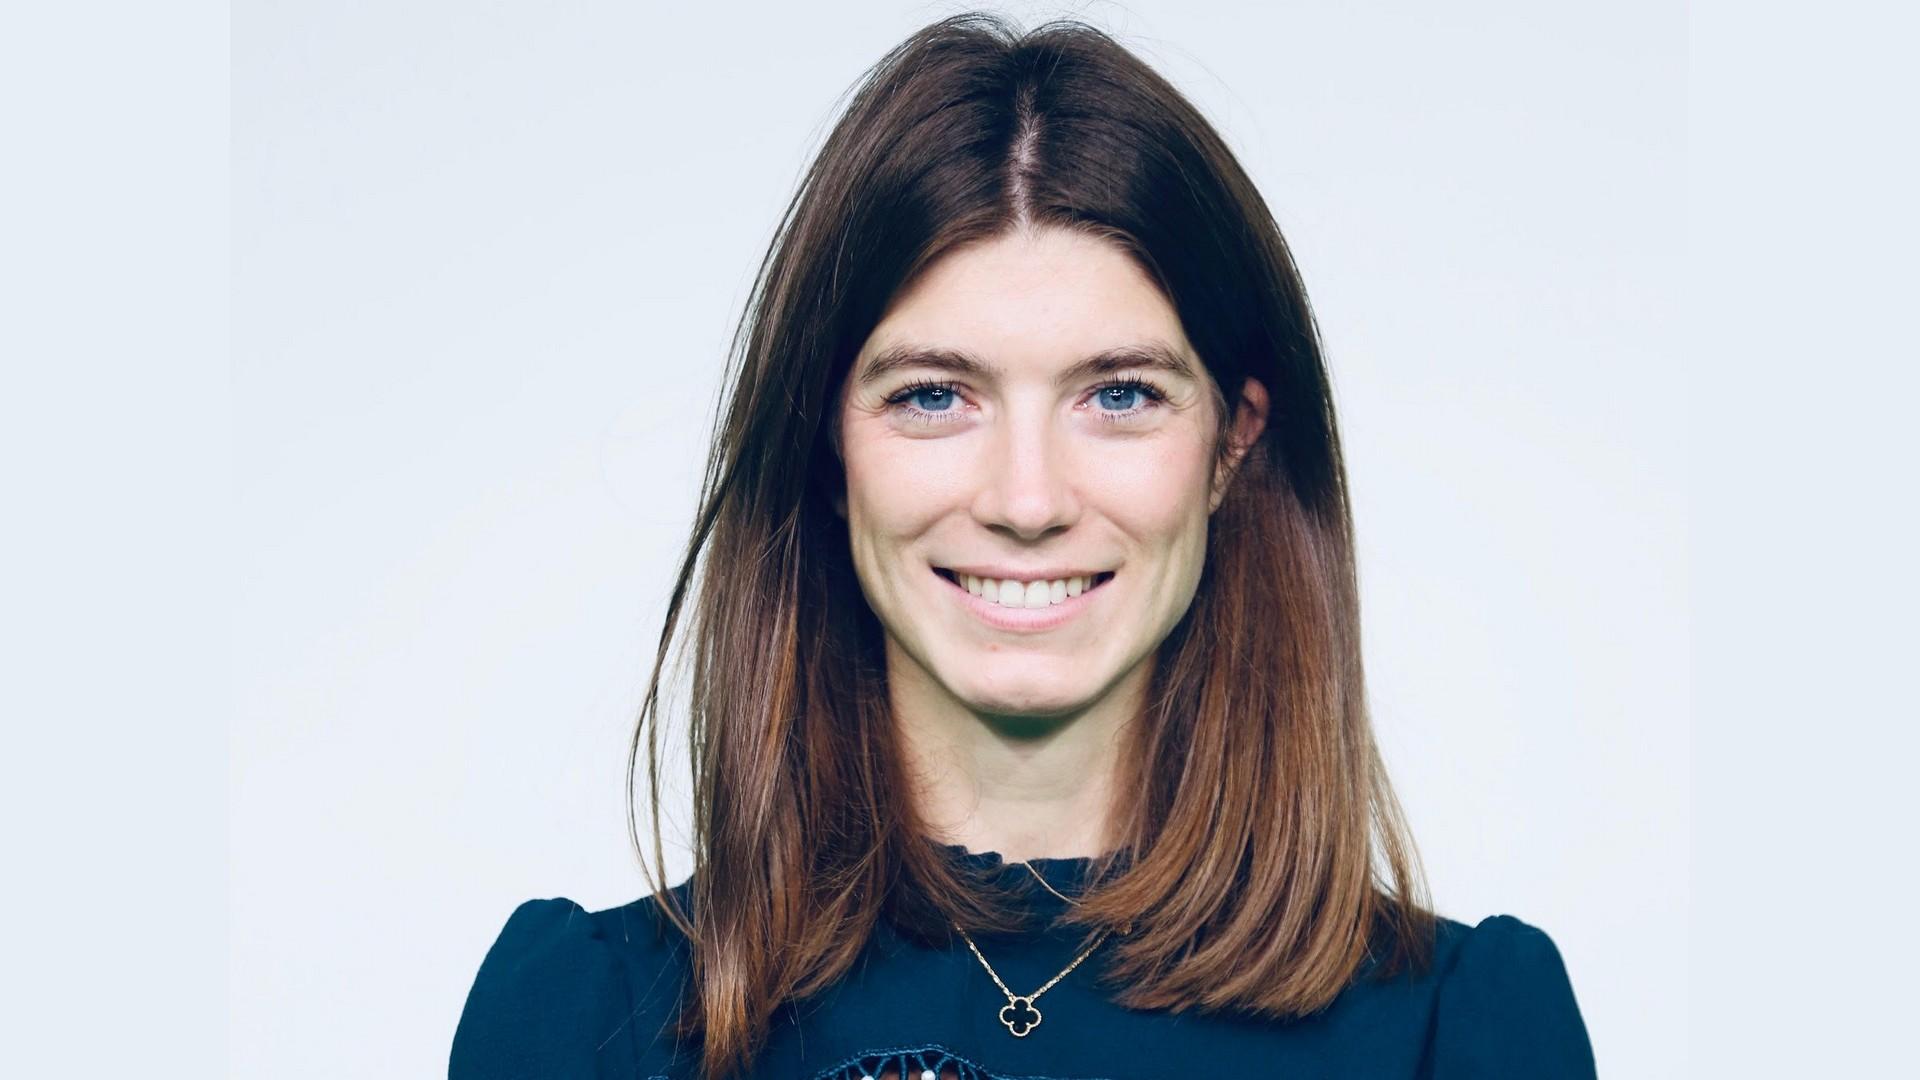 Delobelle Solène (1) L'Equipe